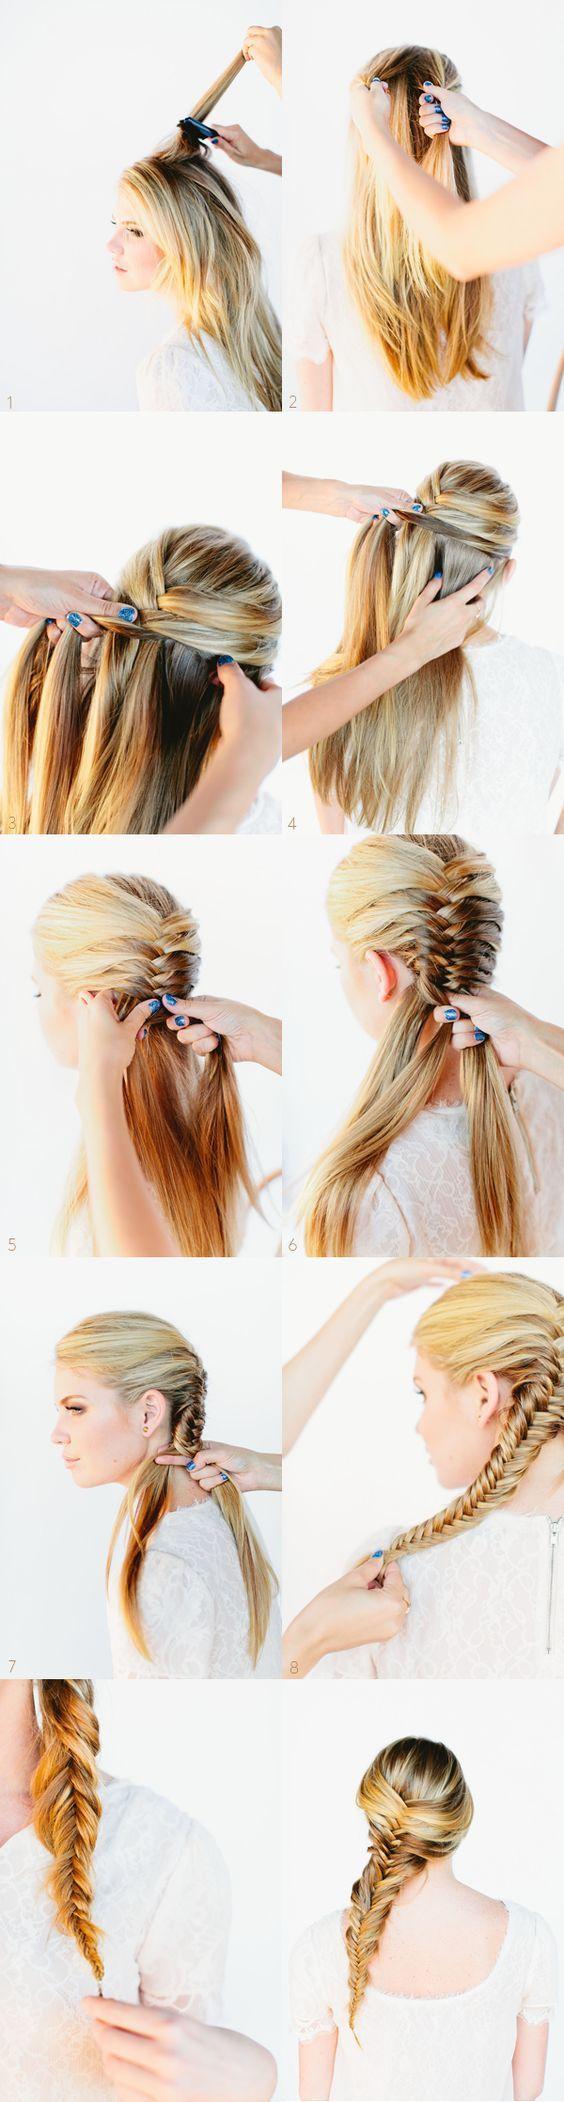 Fishtail Braid Hair Tutorial - #braid #diyhair #hairstyles